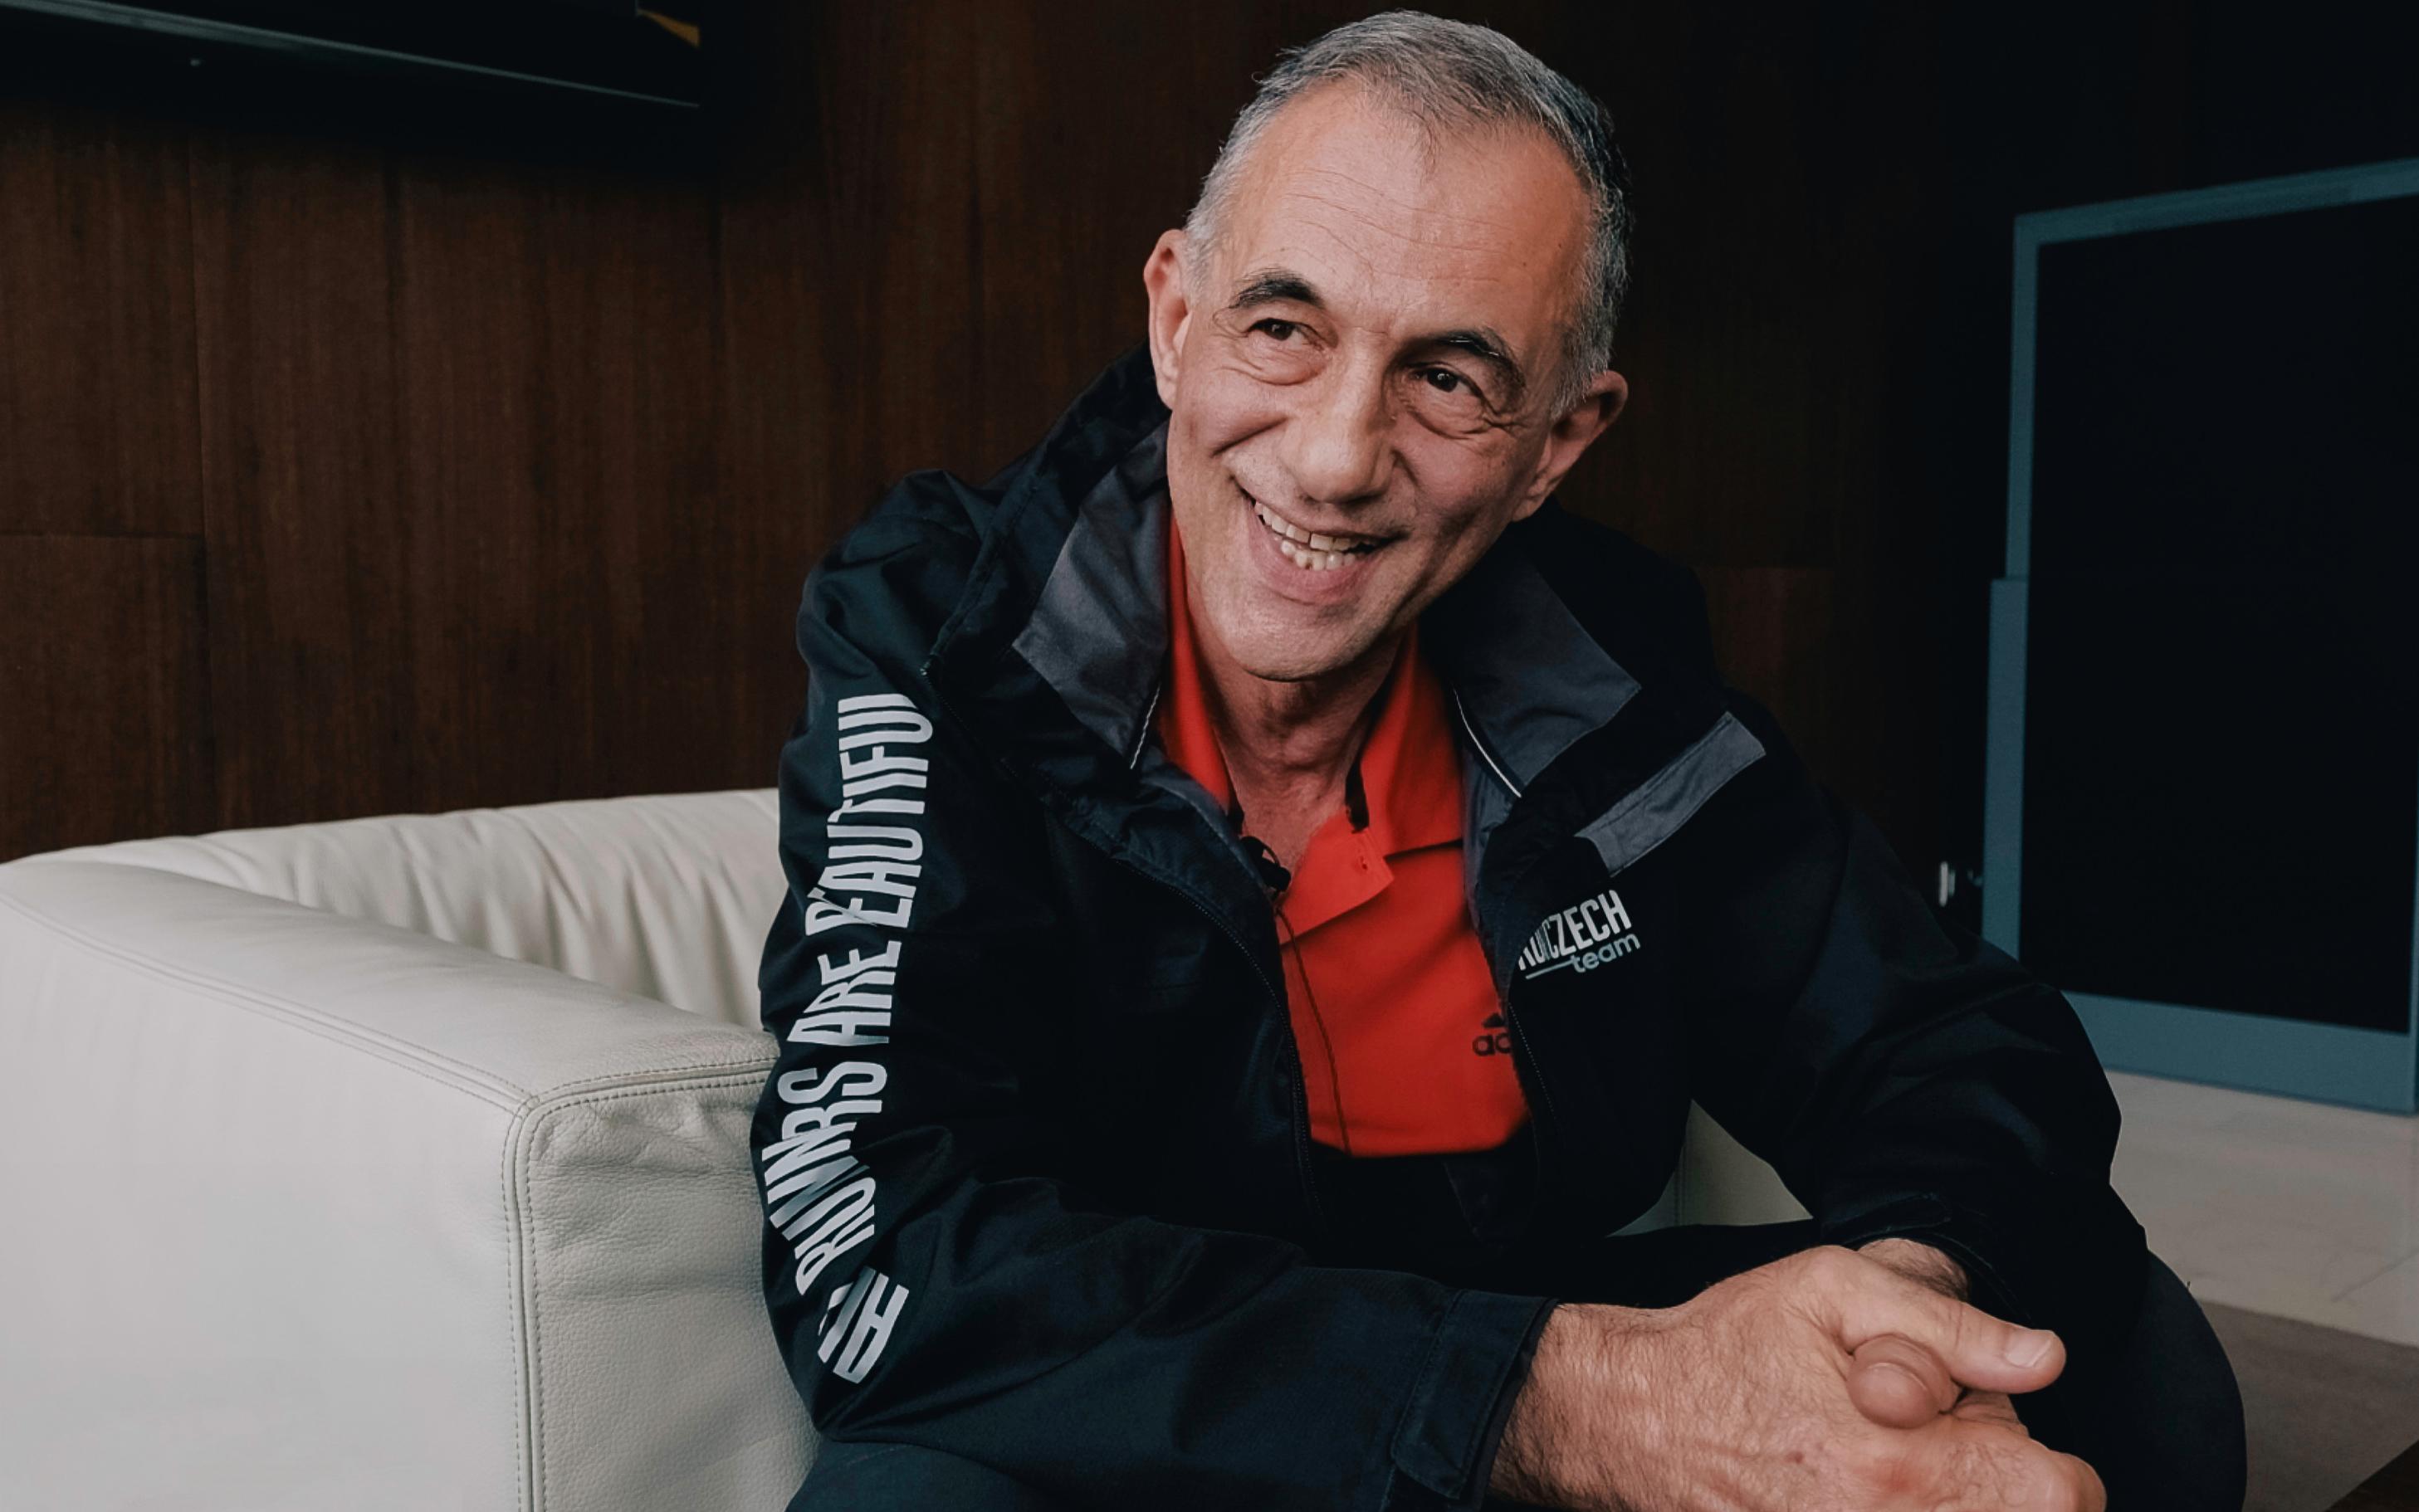 Интервью с Карло Капальбо, основателем марафона в Праге и президентом RunCzech